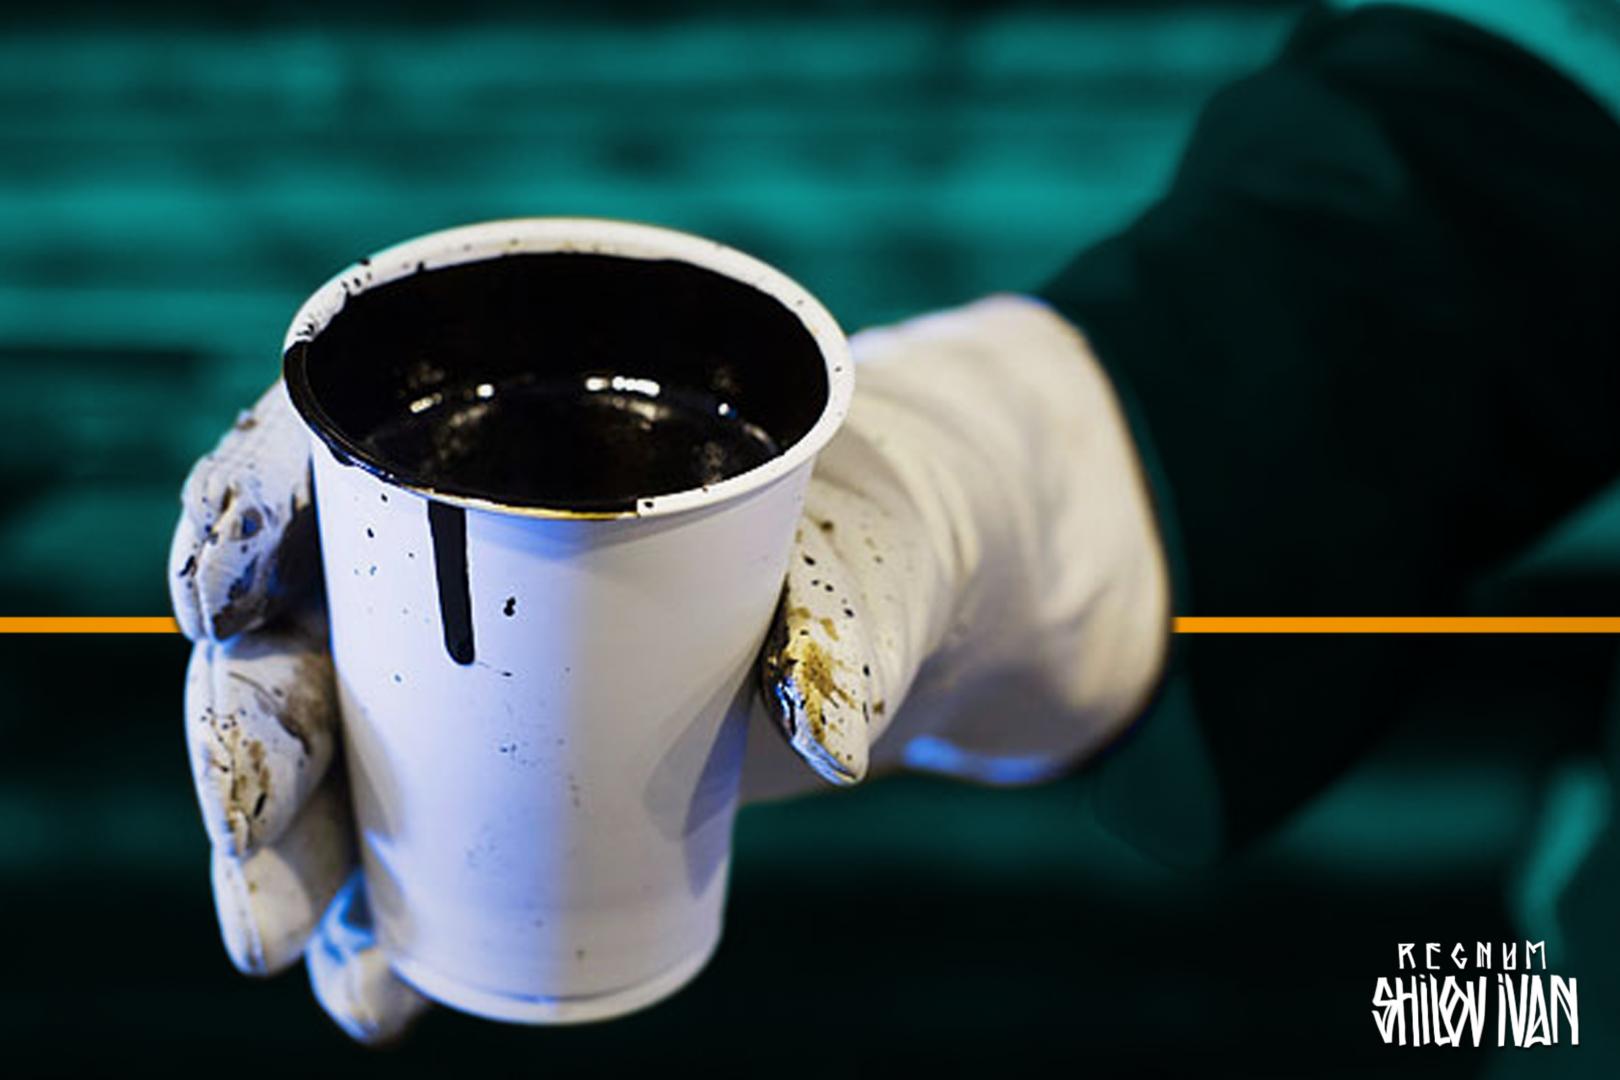 Нефтепродукты  через Россию: РФ и Белоруссия подписали соглашение